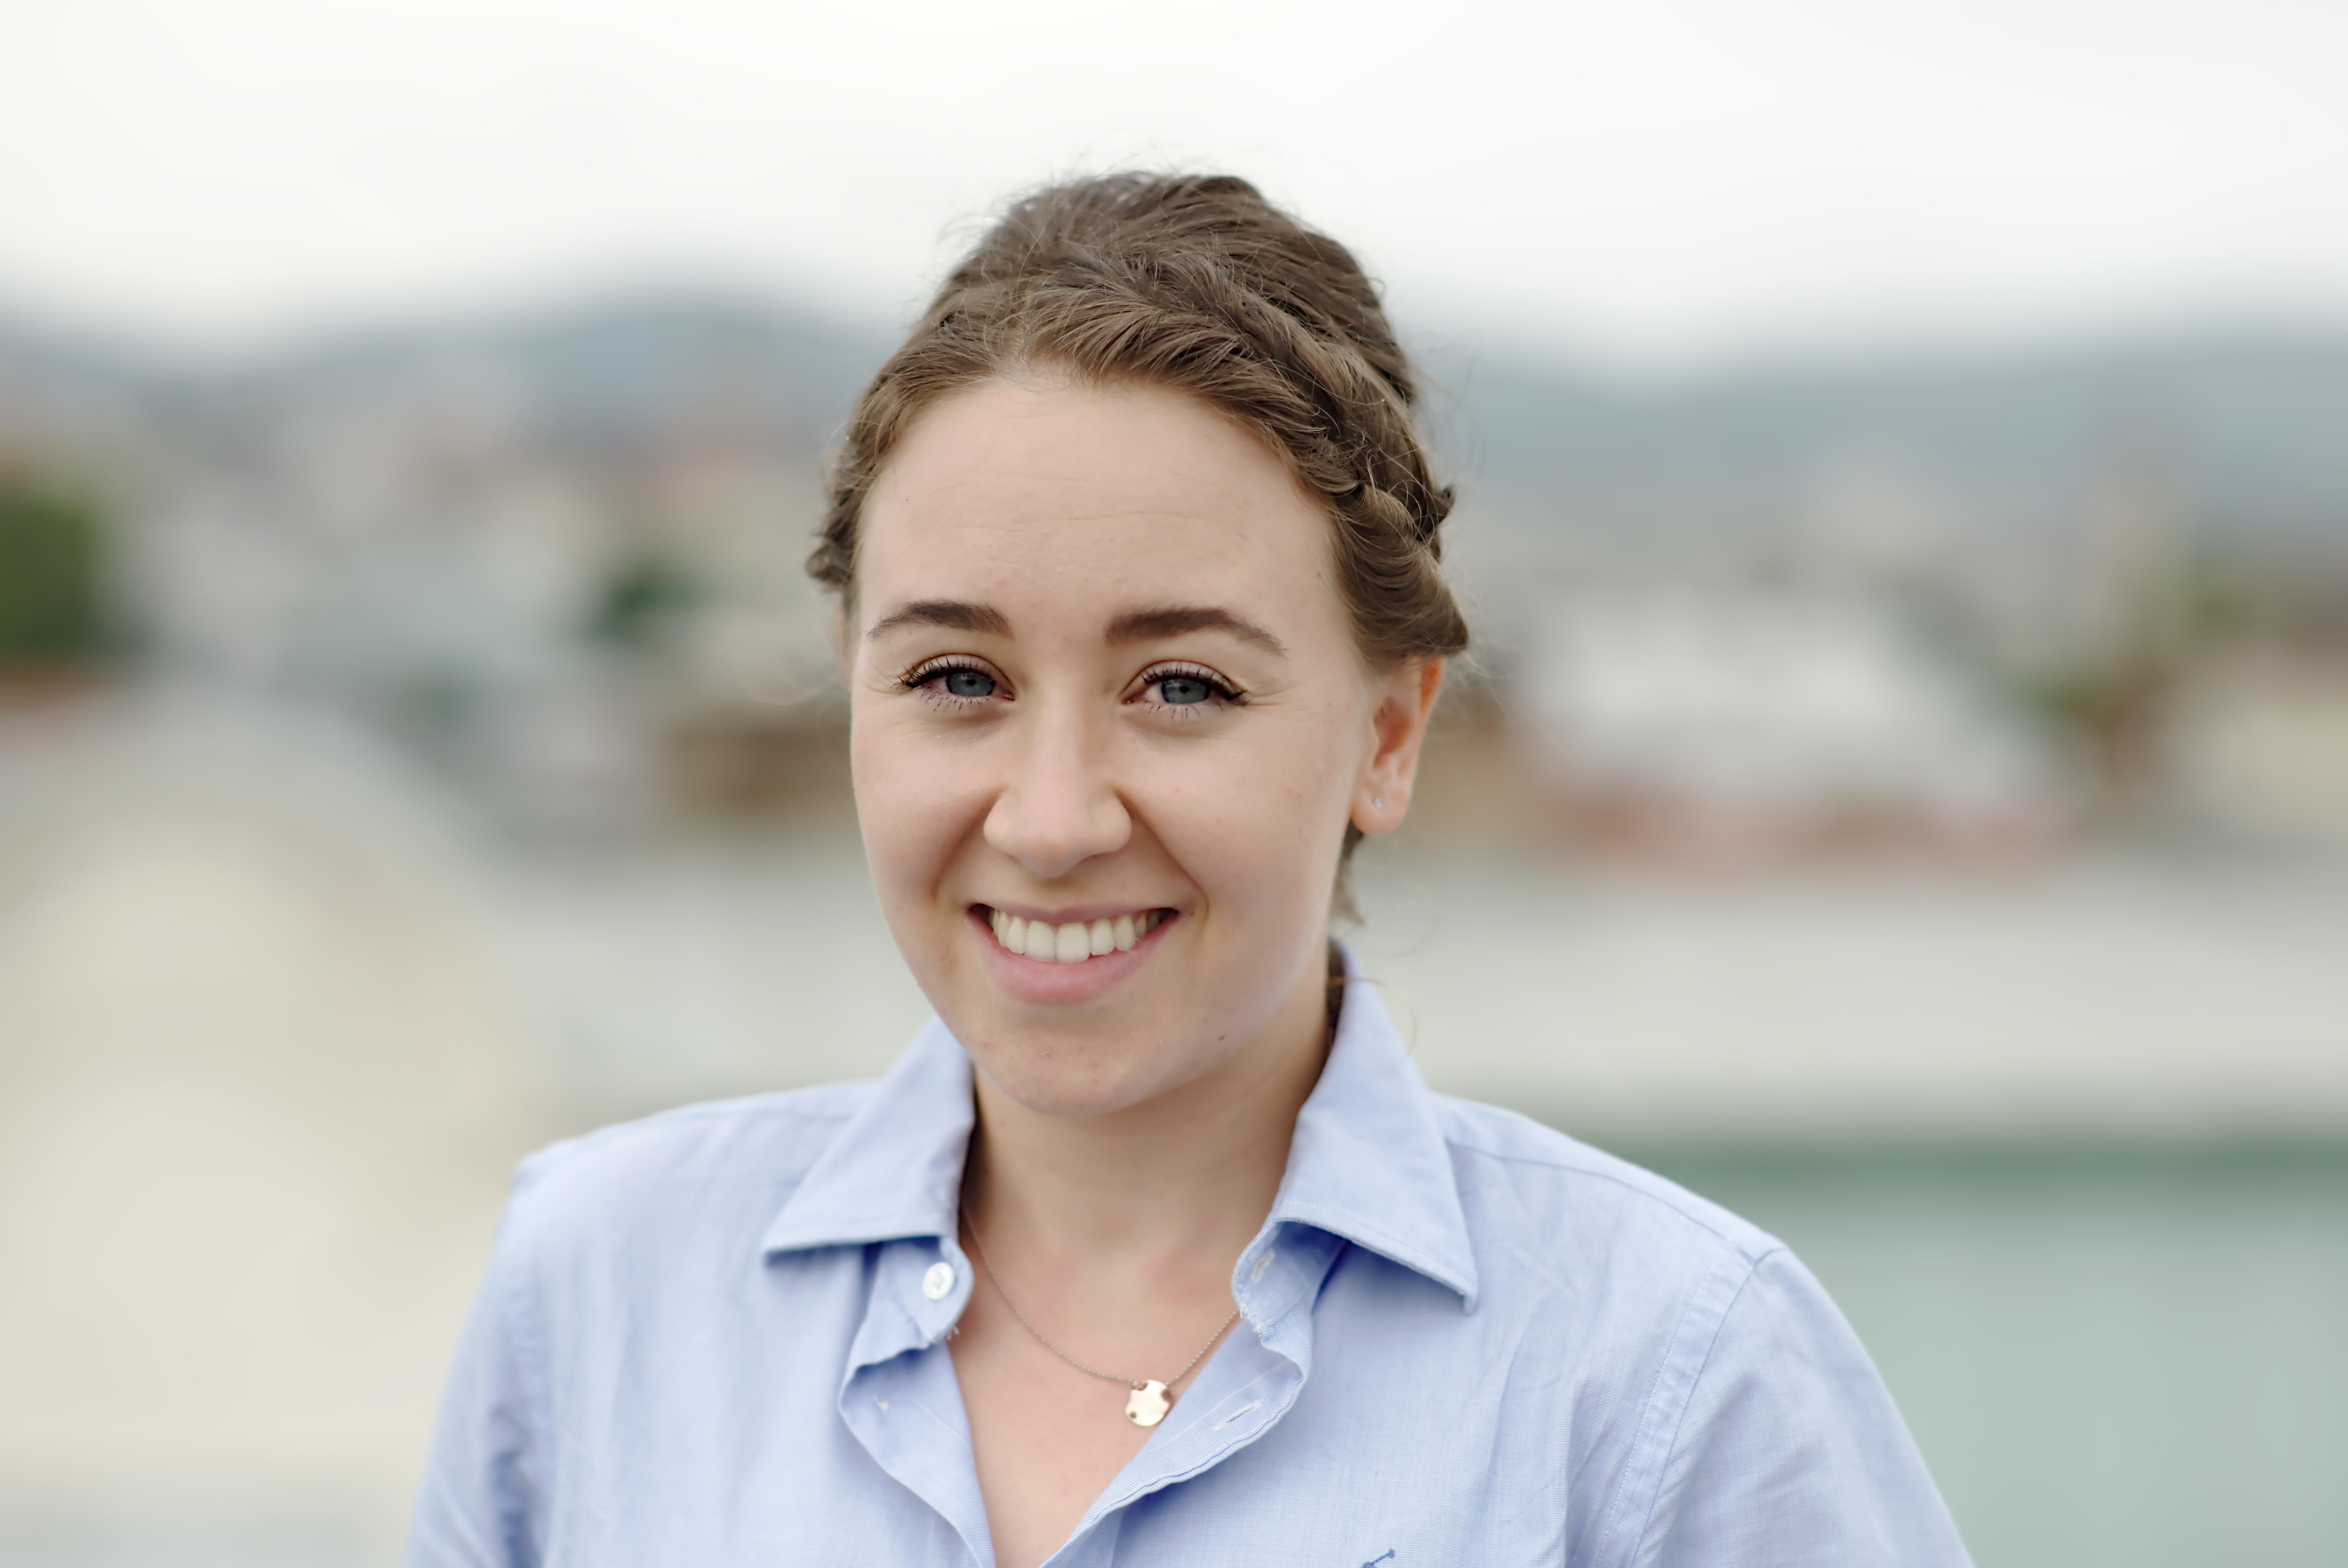 Stefanie Schallert